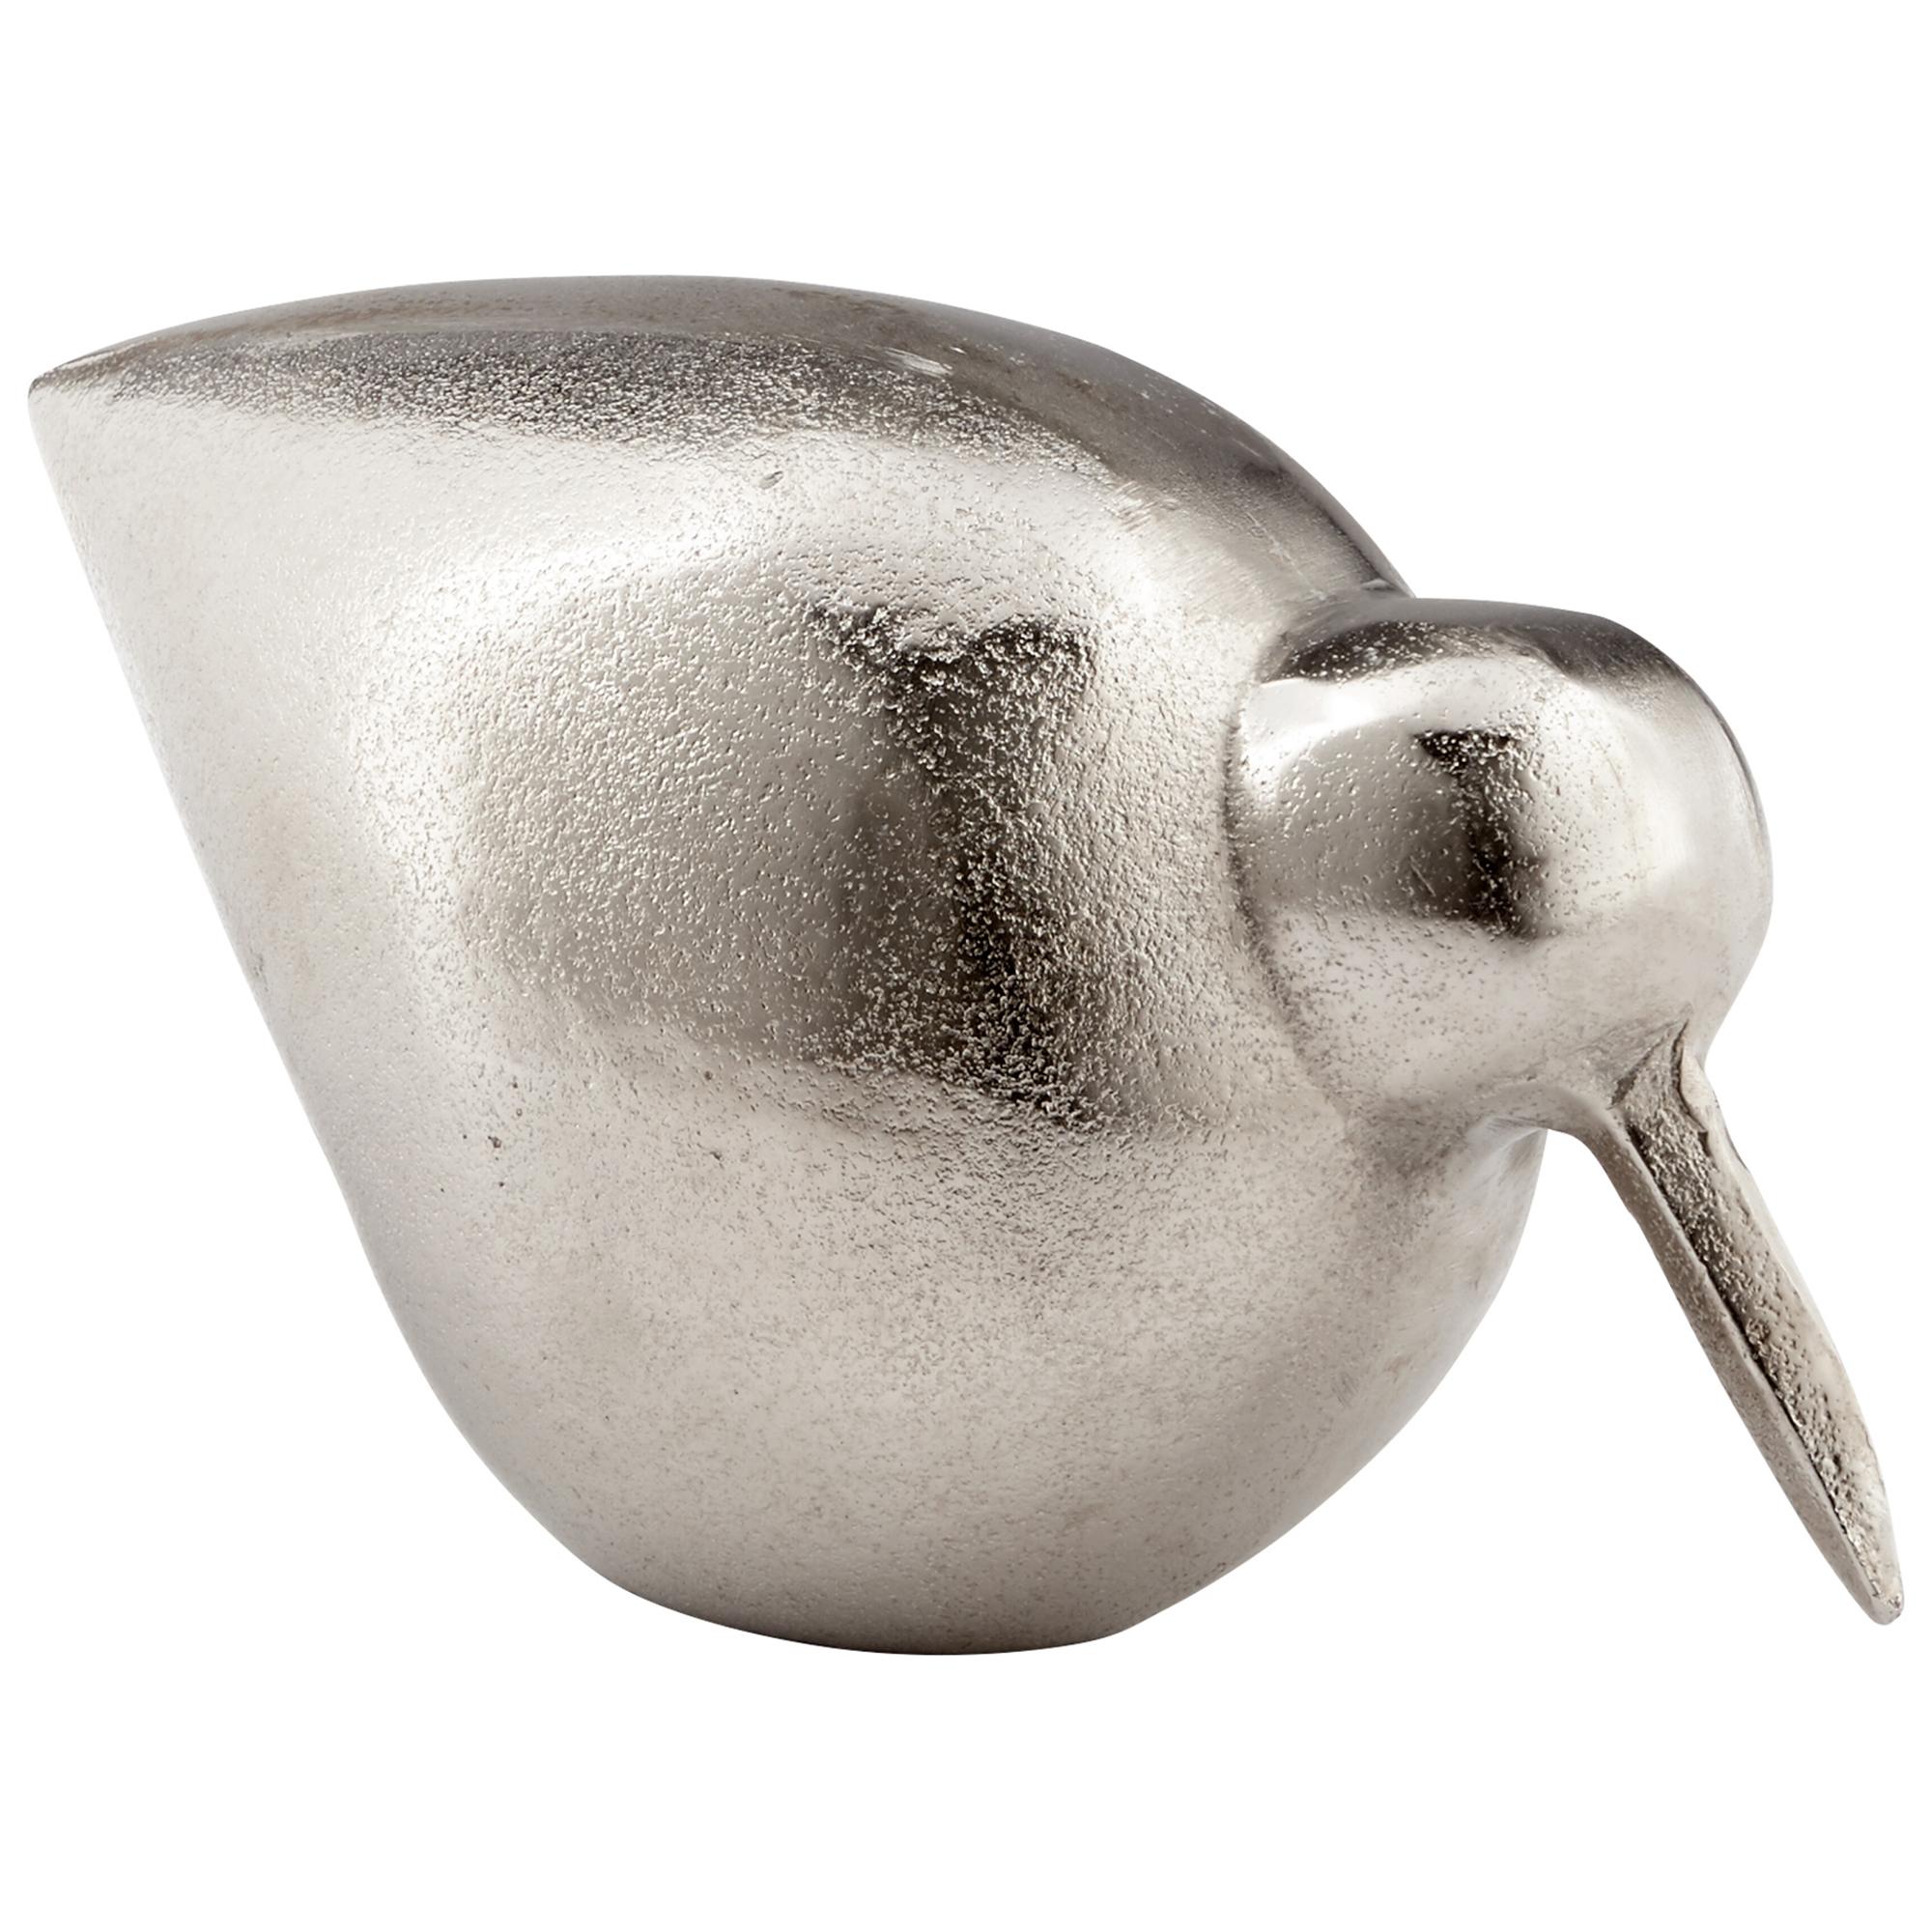 Cyan Design Tweetledee 10.5 Sculpture in Raw Nickel